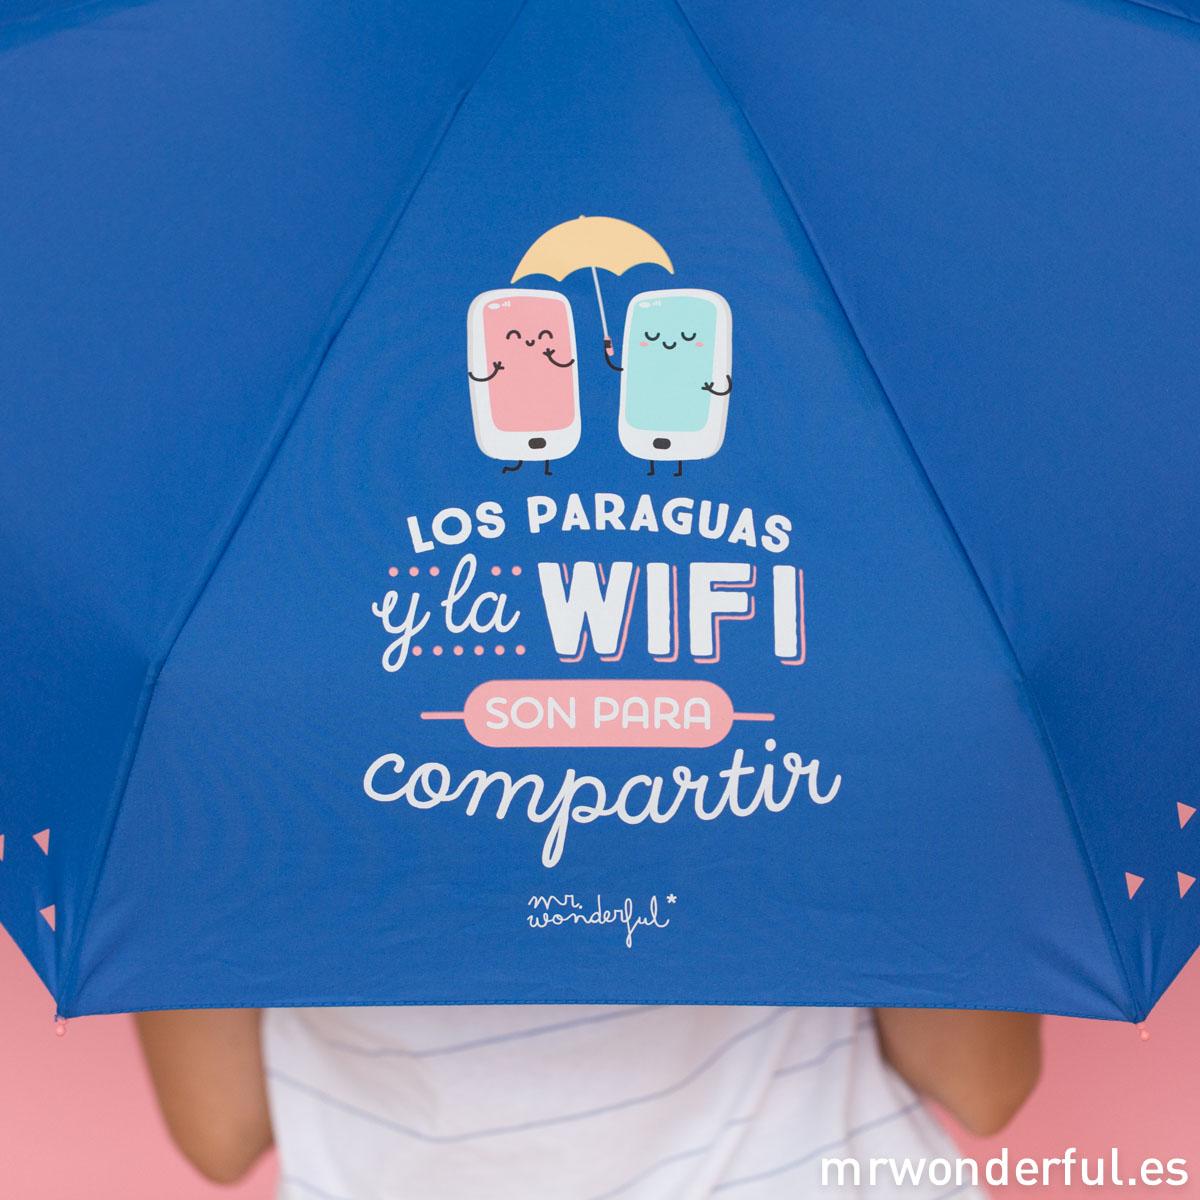 mrwonderful_8435460706902_paraguas_los-paraguas-y-la-wifi-son-para-compartir-ES-6